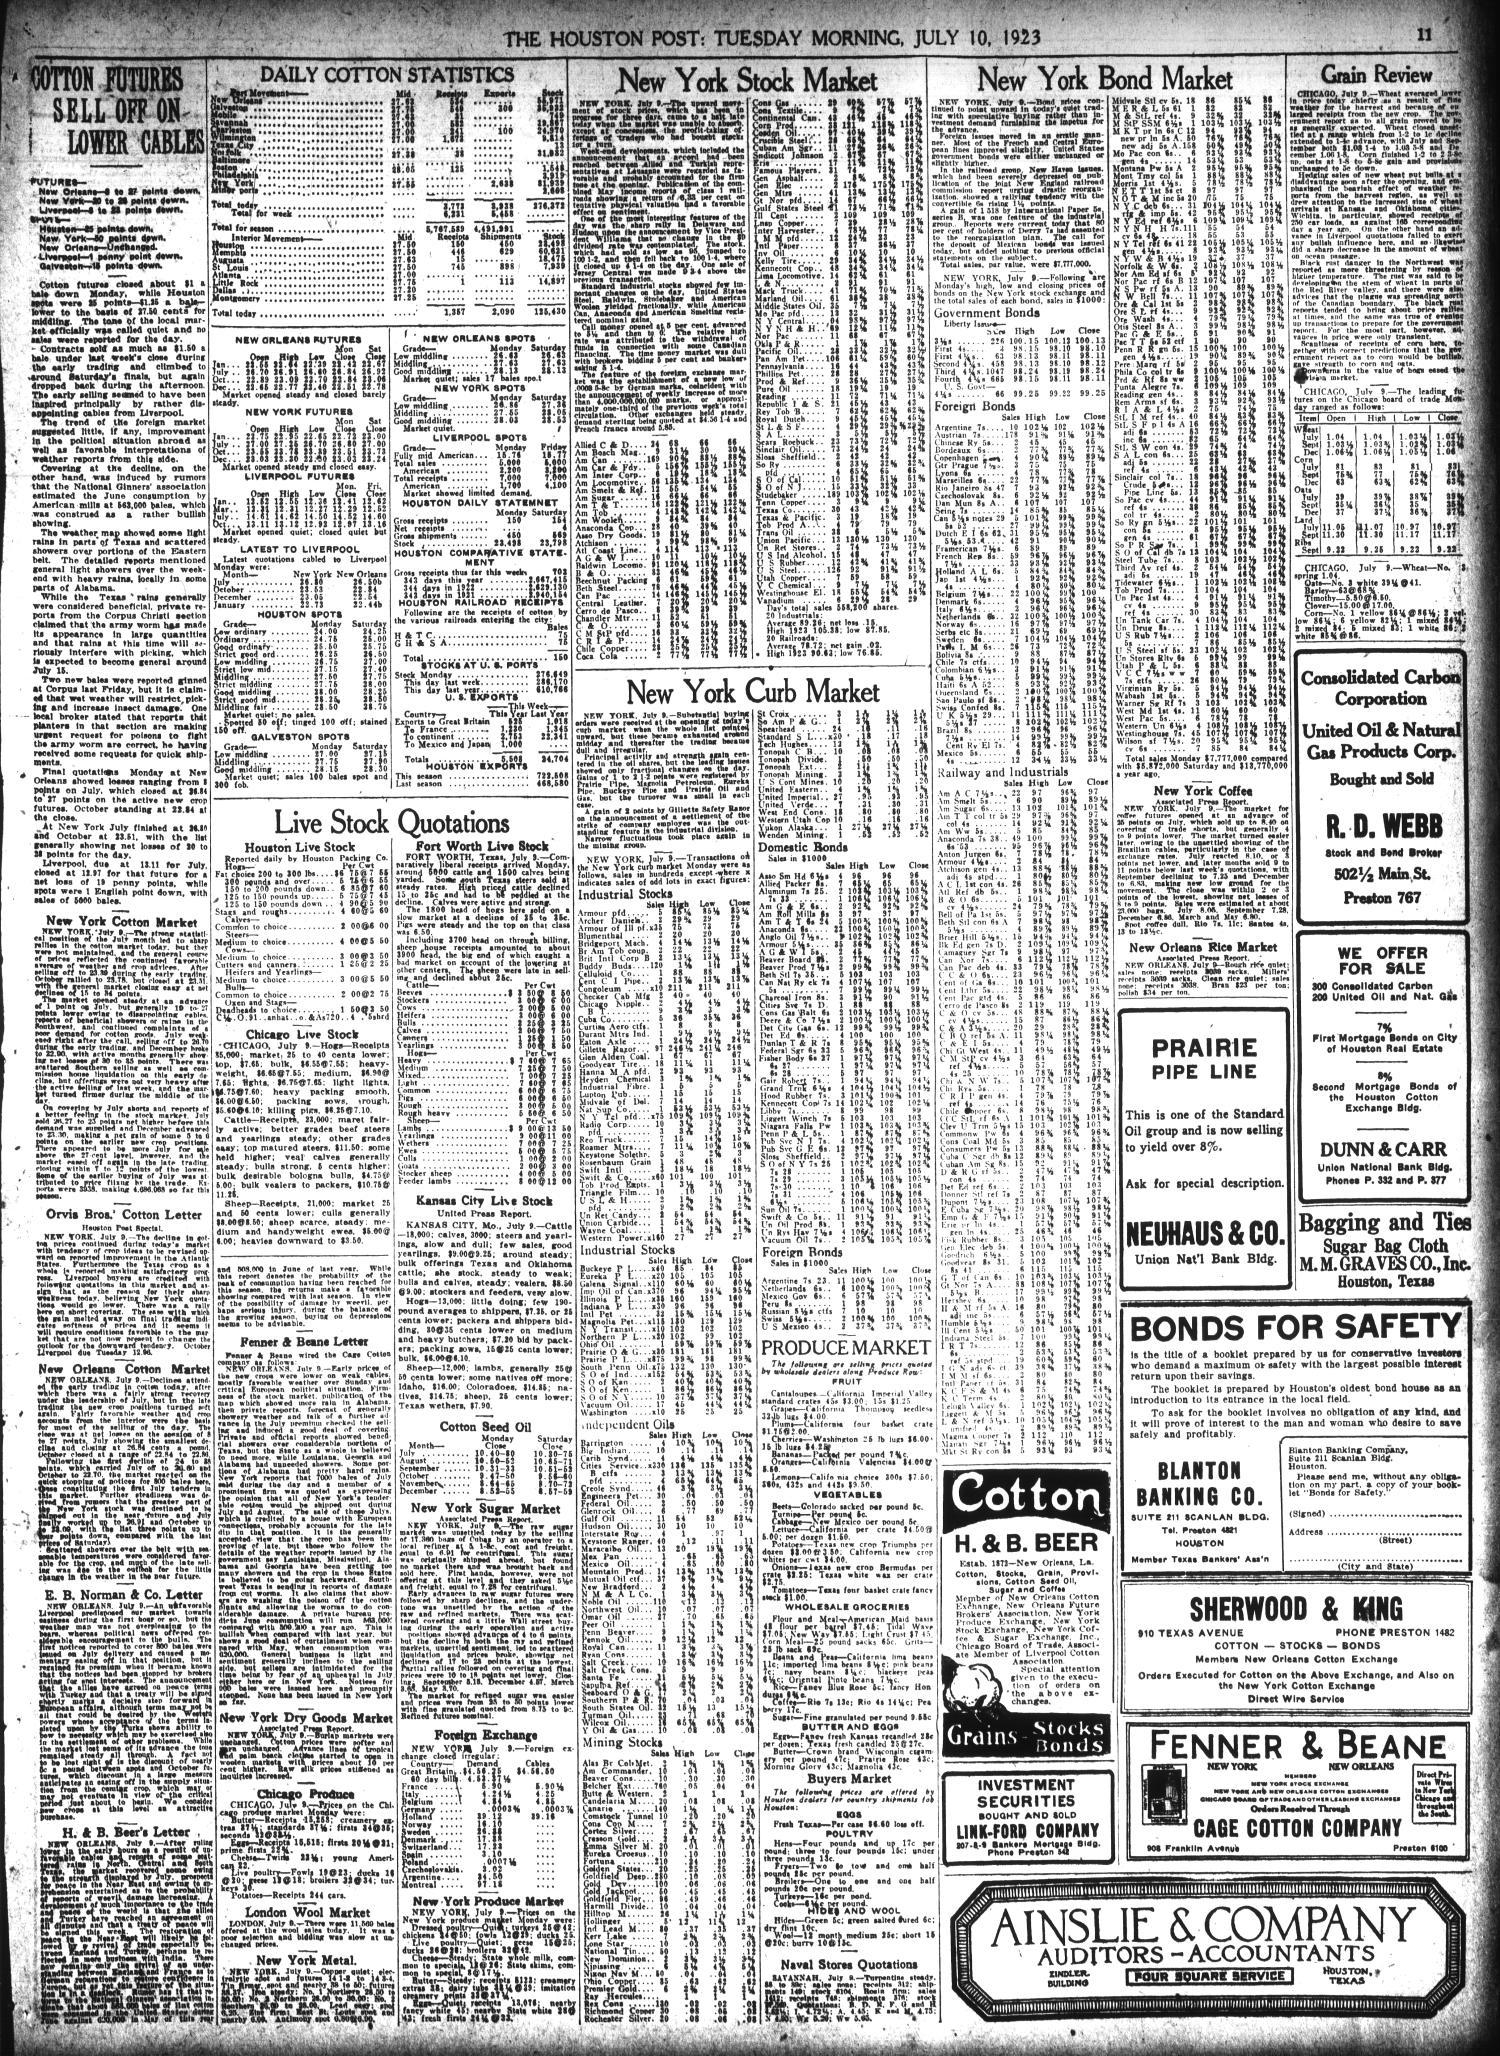 The Houston Post  (Houston, Tex ), Vol  39, No  97, Ed  1